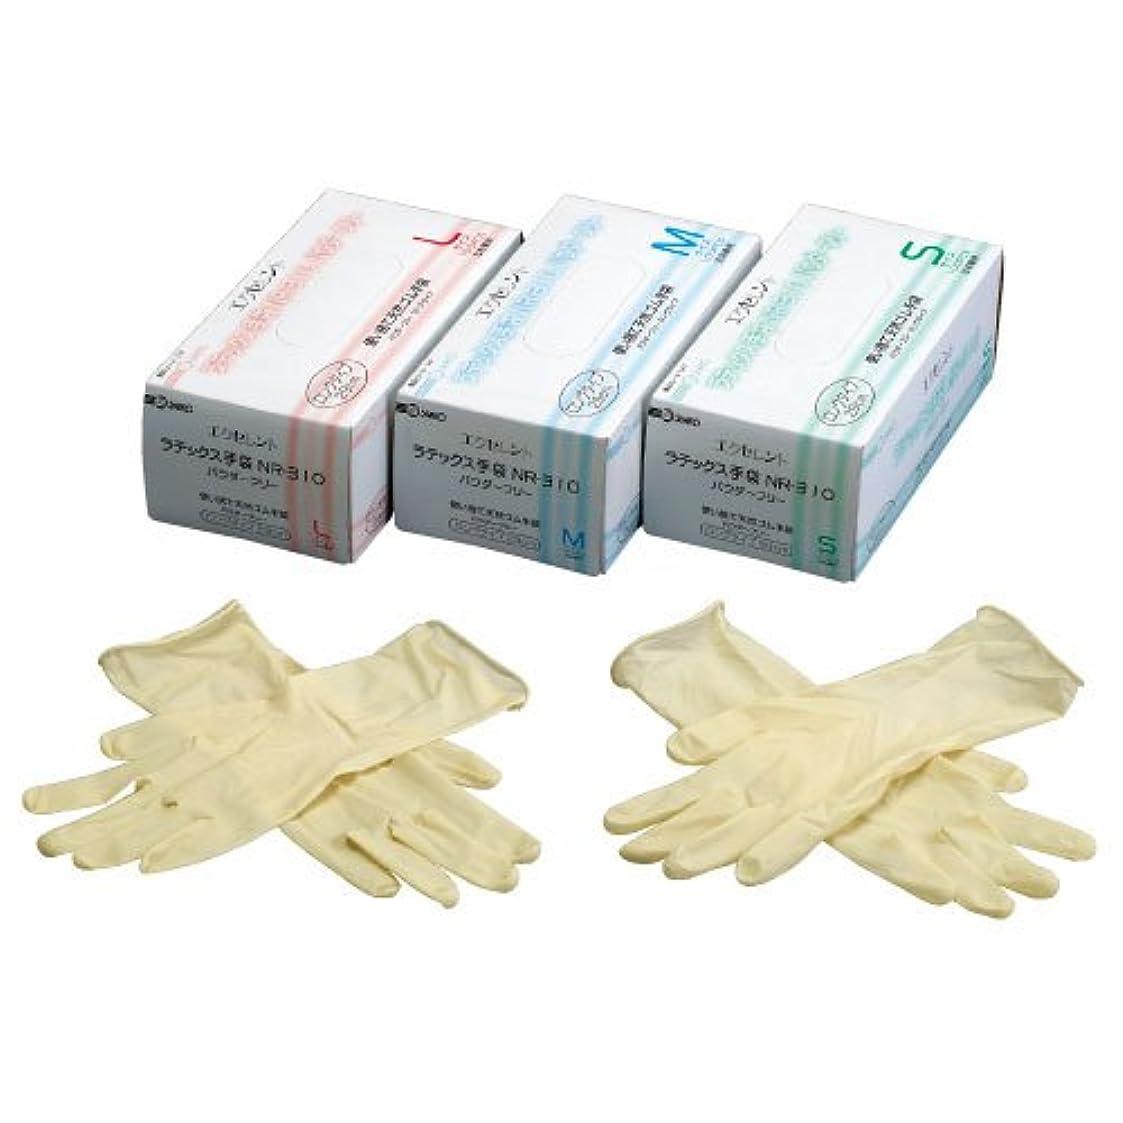 エクセレントラテックス手袋PFロング ????????????????(23-3140-00)NR-310(100????)L L